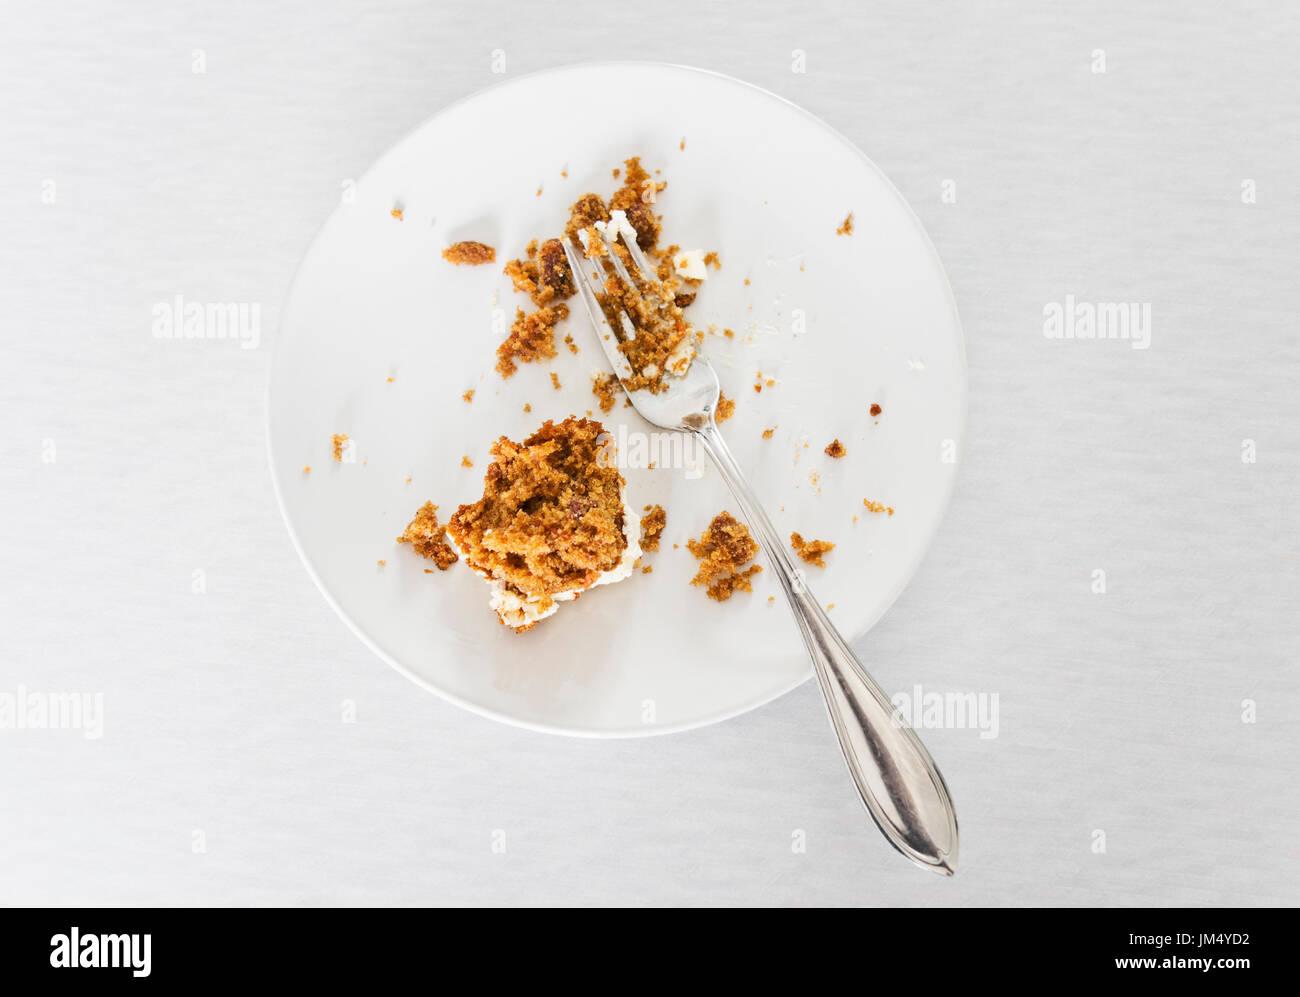 La mitad come pastel sobre placa blanca con horquilla. Imagen De Stock